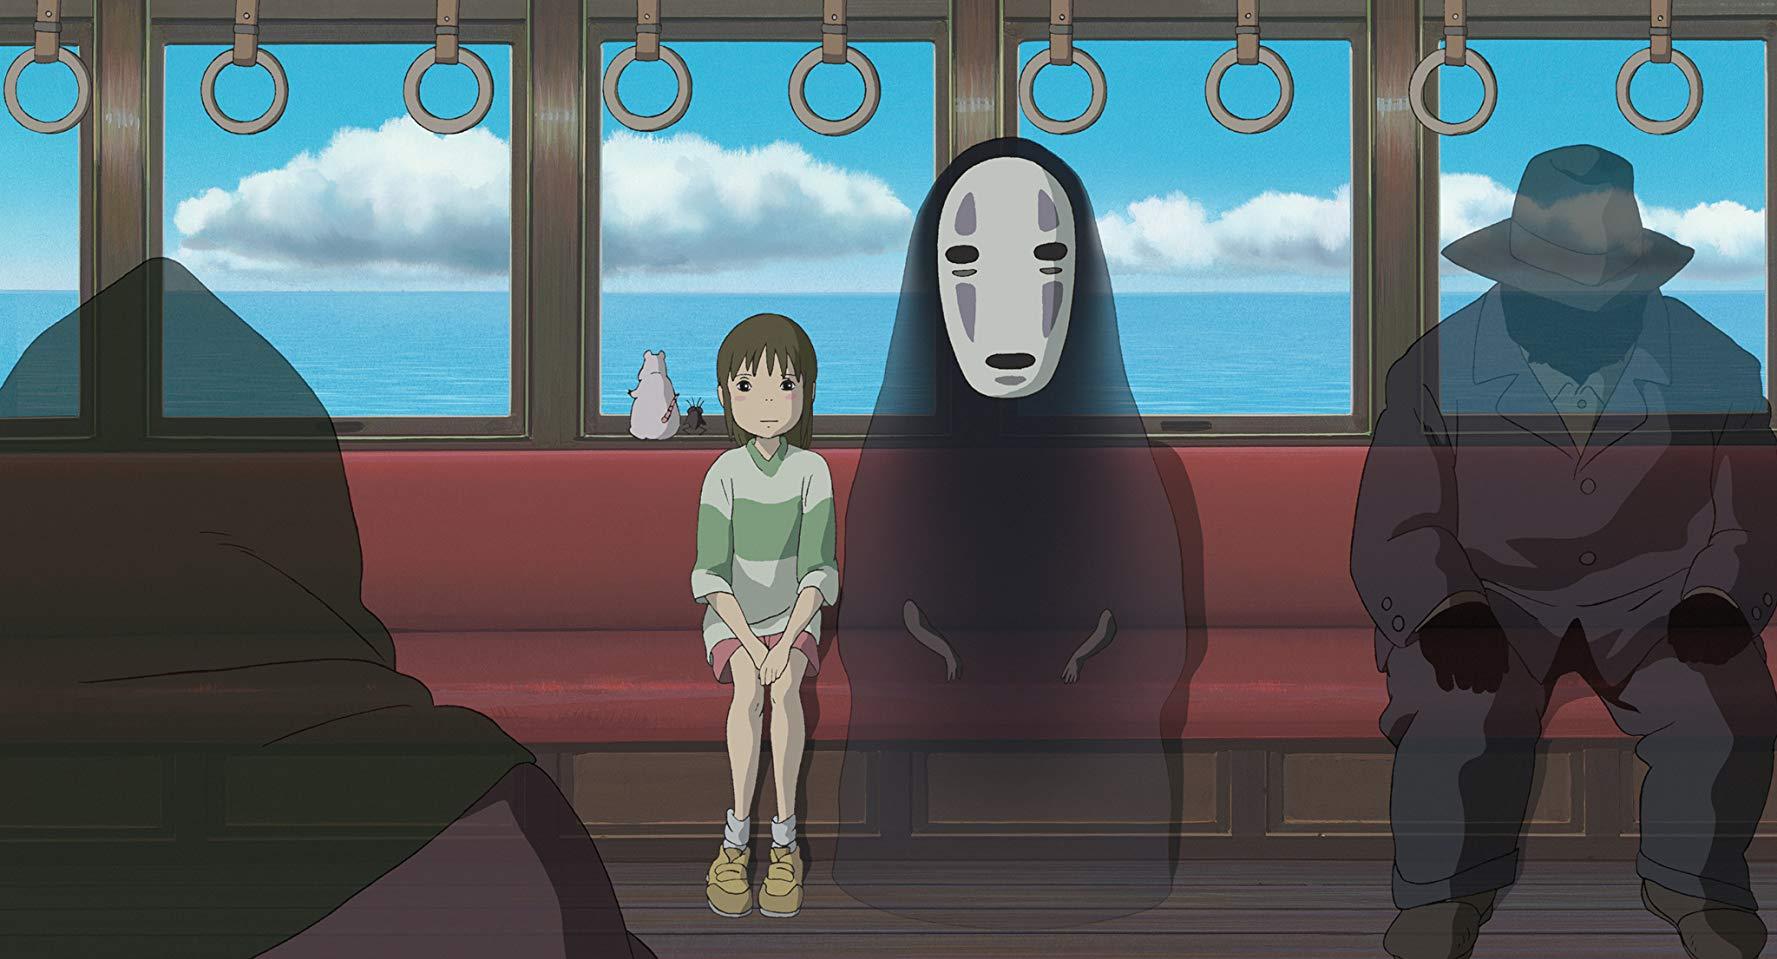 """Франківців кличуть подивитися легендарний мультфільм """"Віднесені привидами"""" (ВІДЕО)"""